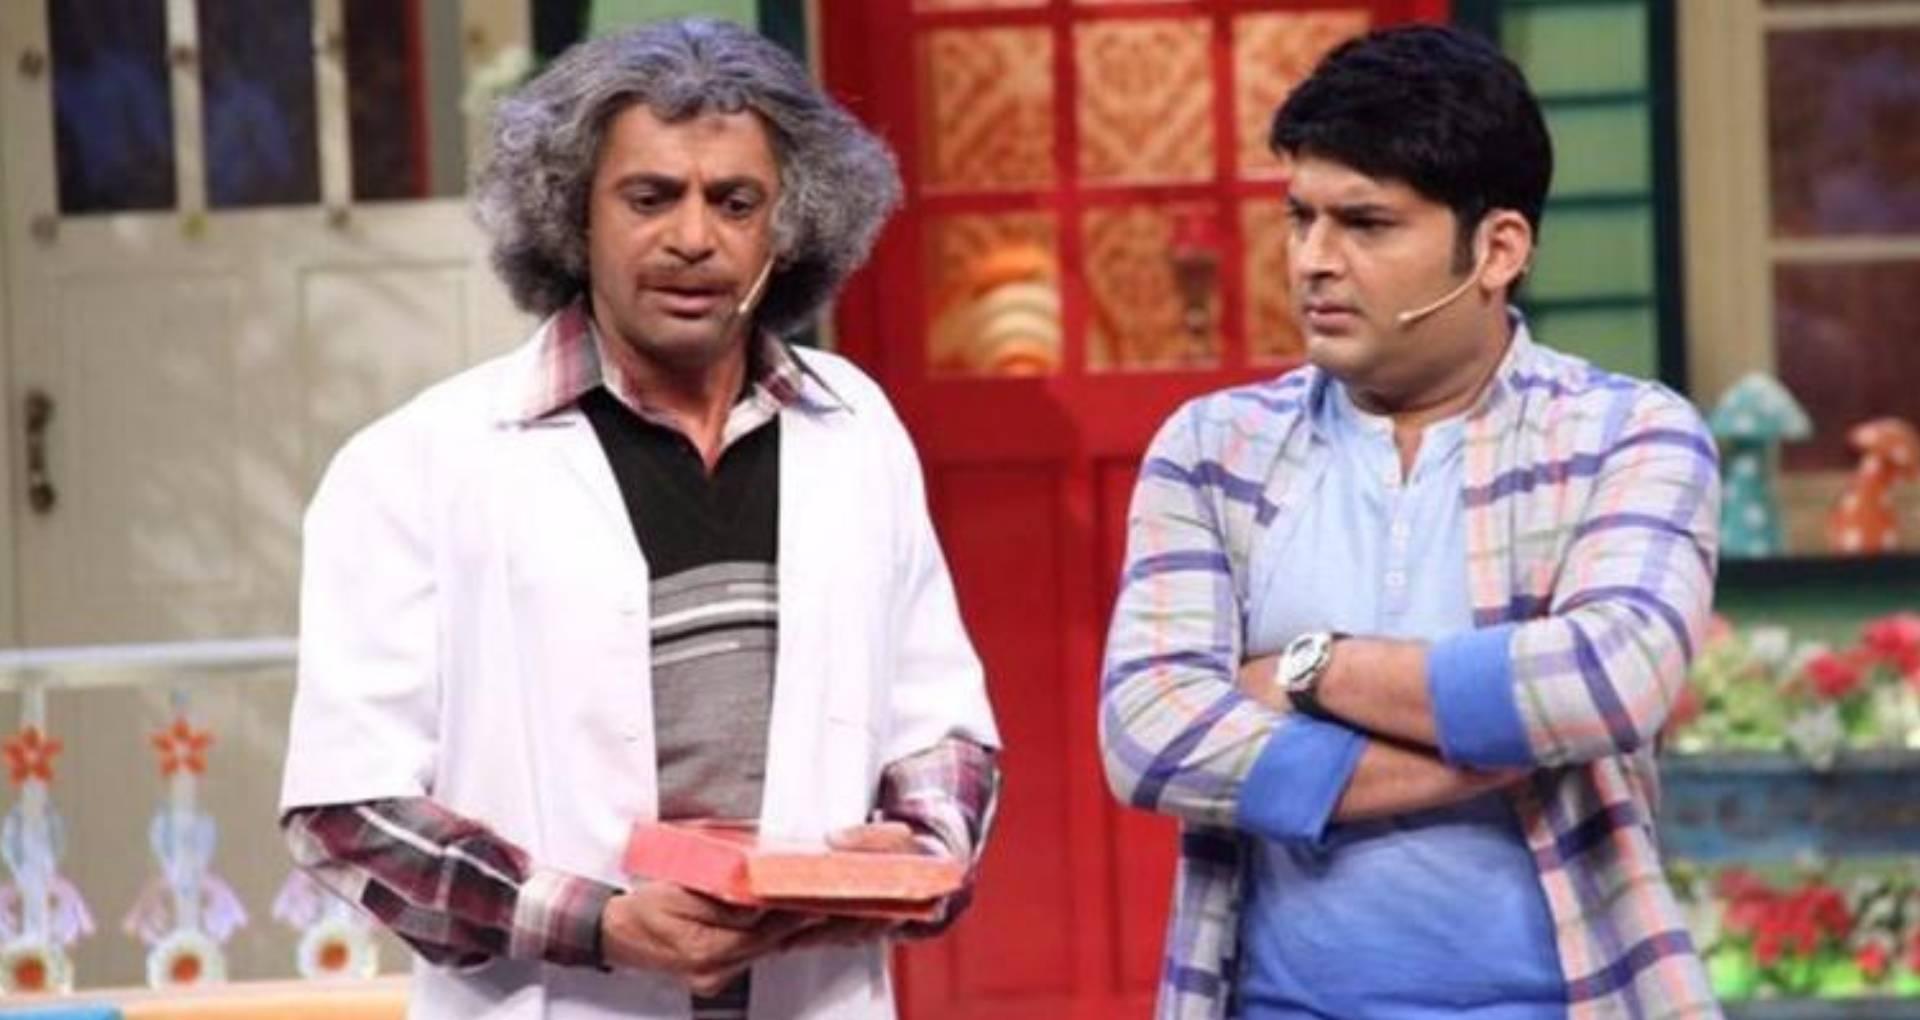 द कपिल शर्मा शो में सुनील ग्रोवर की हो सकती है वापसी, कॉमेडियन ने इस ट्वीट के जरिए दिया ये बड़ा हिंट